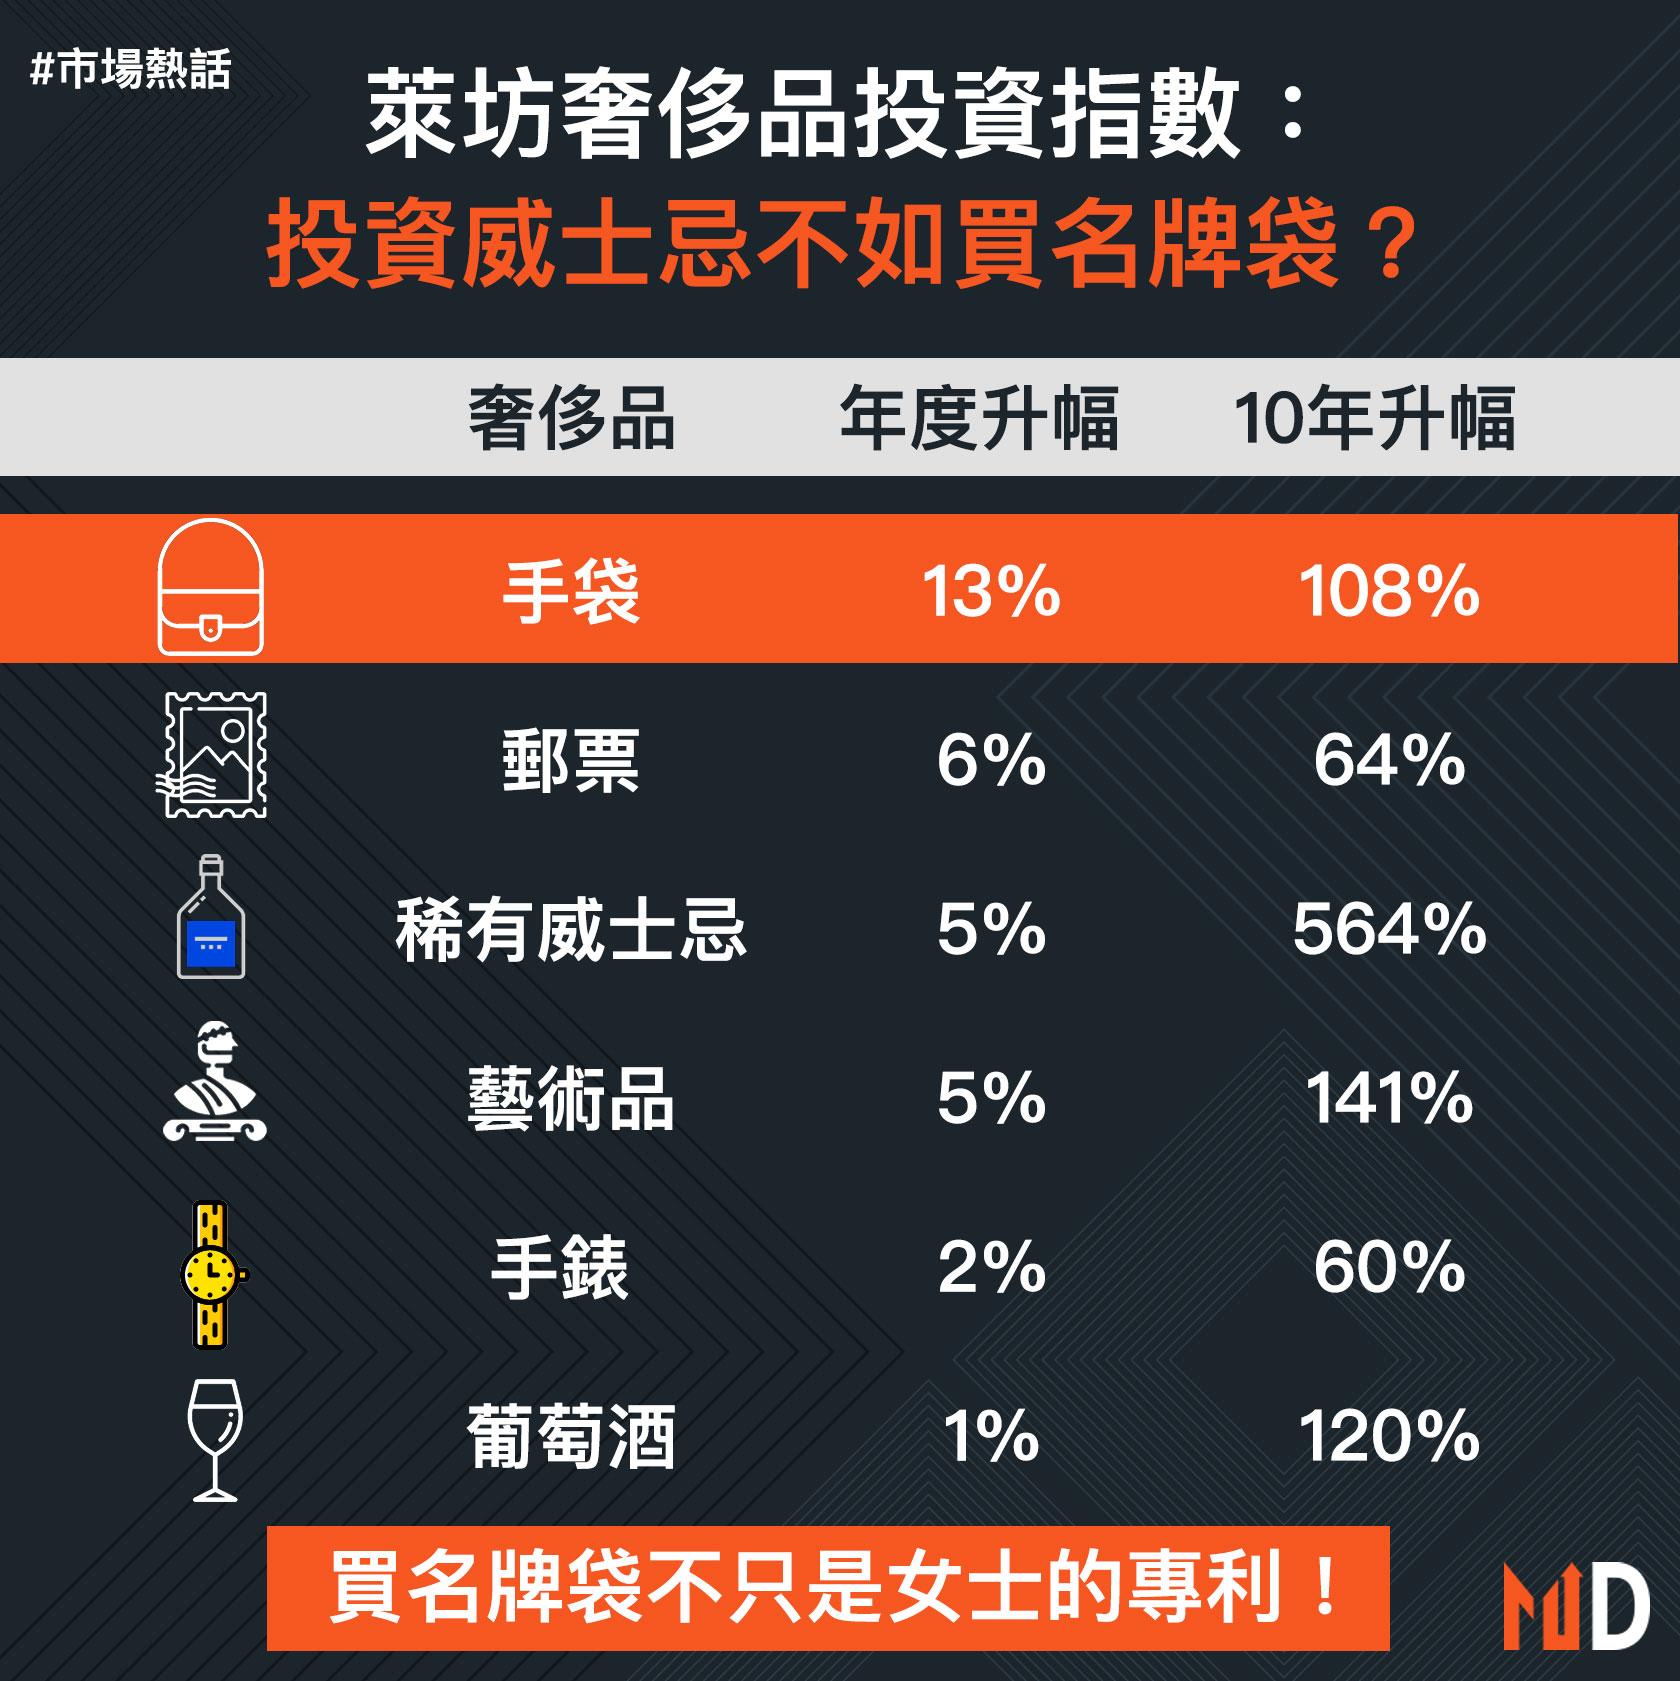 【市場熱話】萊坊奢侈品投資指數:投資威士忌不如買名牌袋?